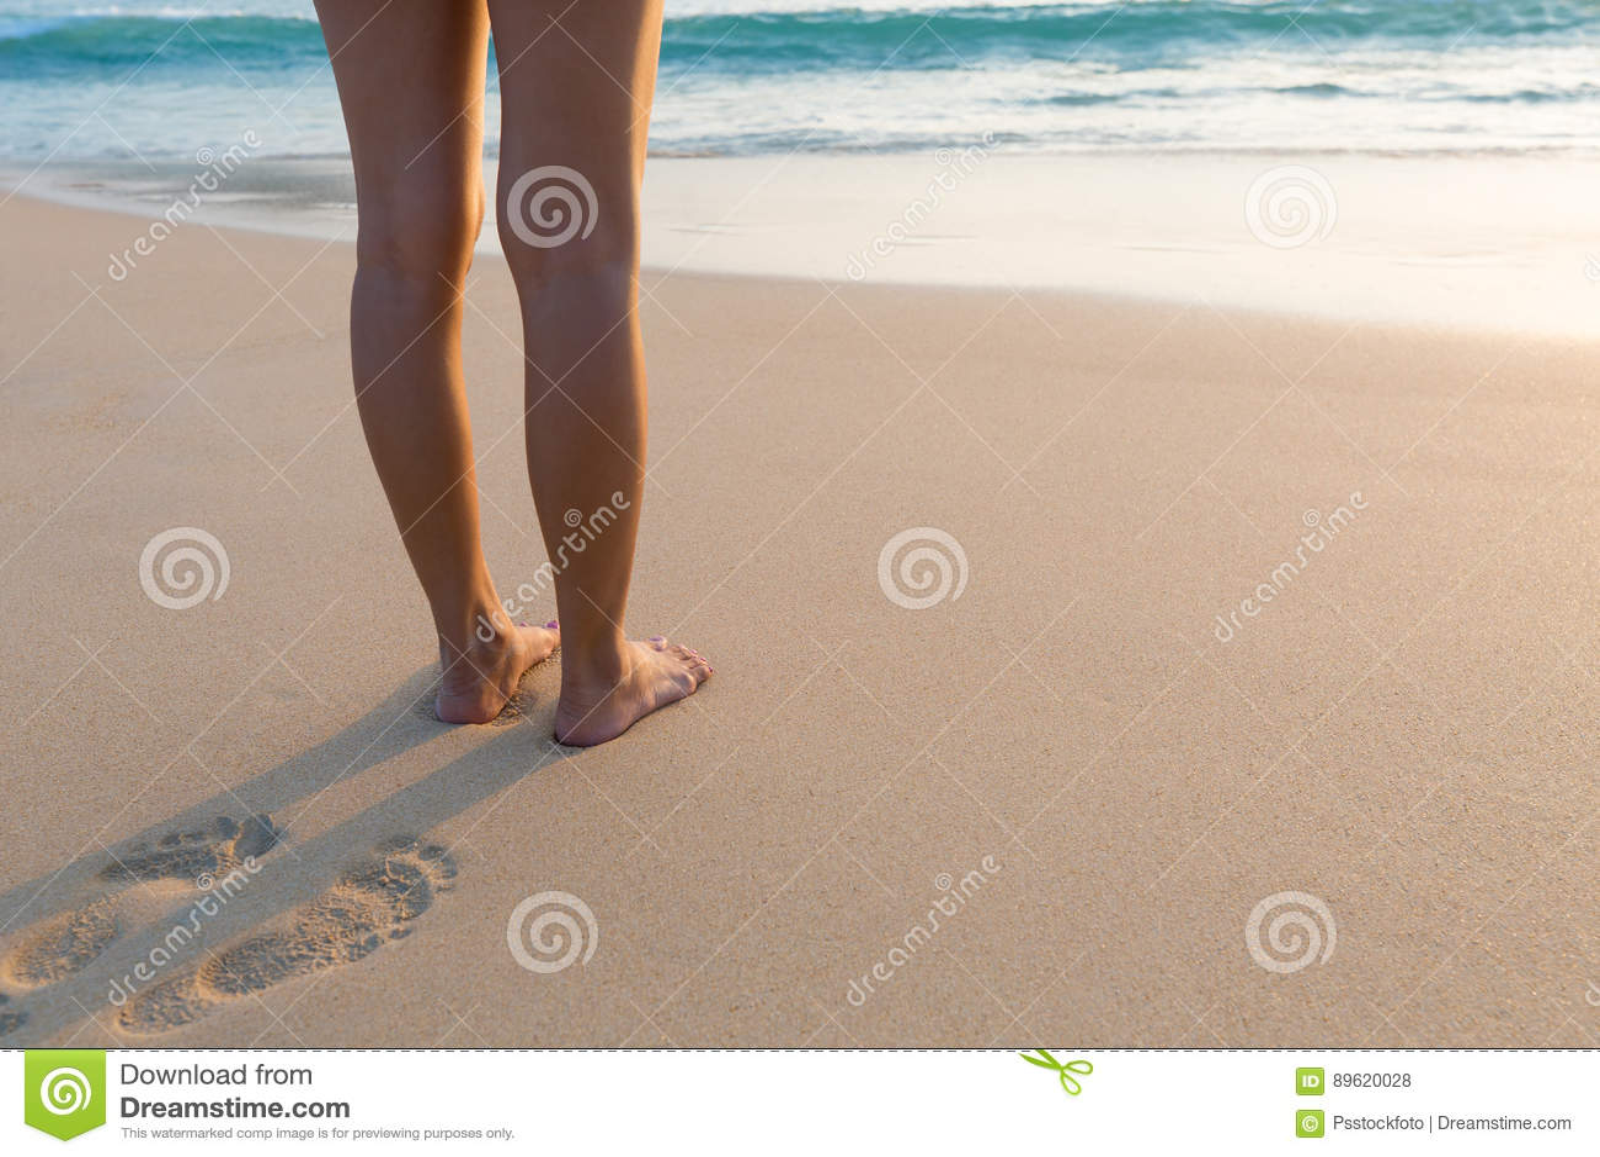 1612b260fd Πόδι της γυναίκας που στέκεται στην παραλία άμμου Στοκ Εικόνες ...